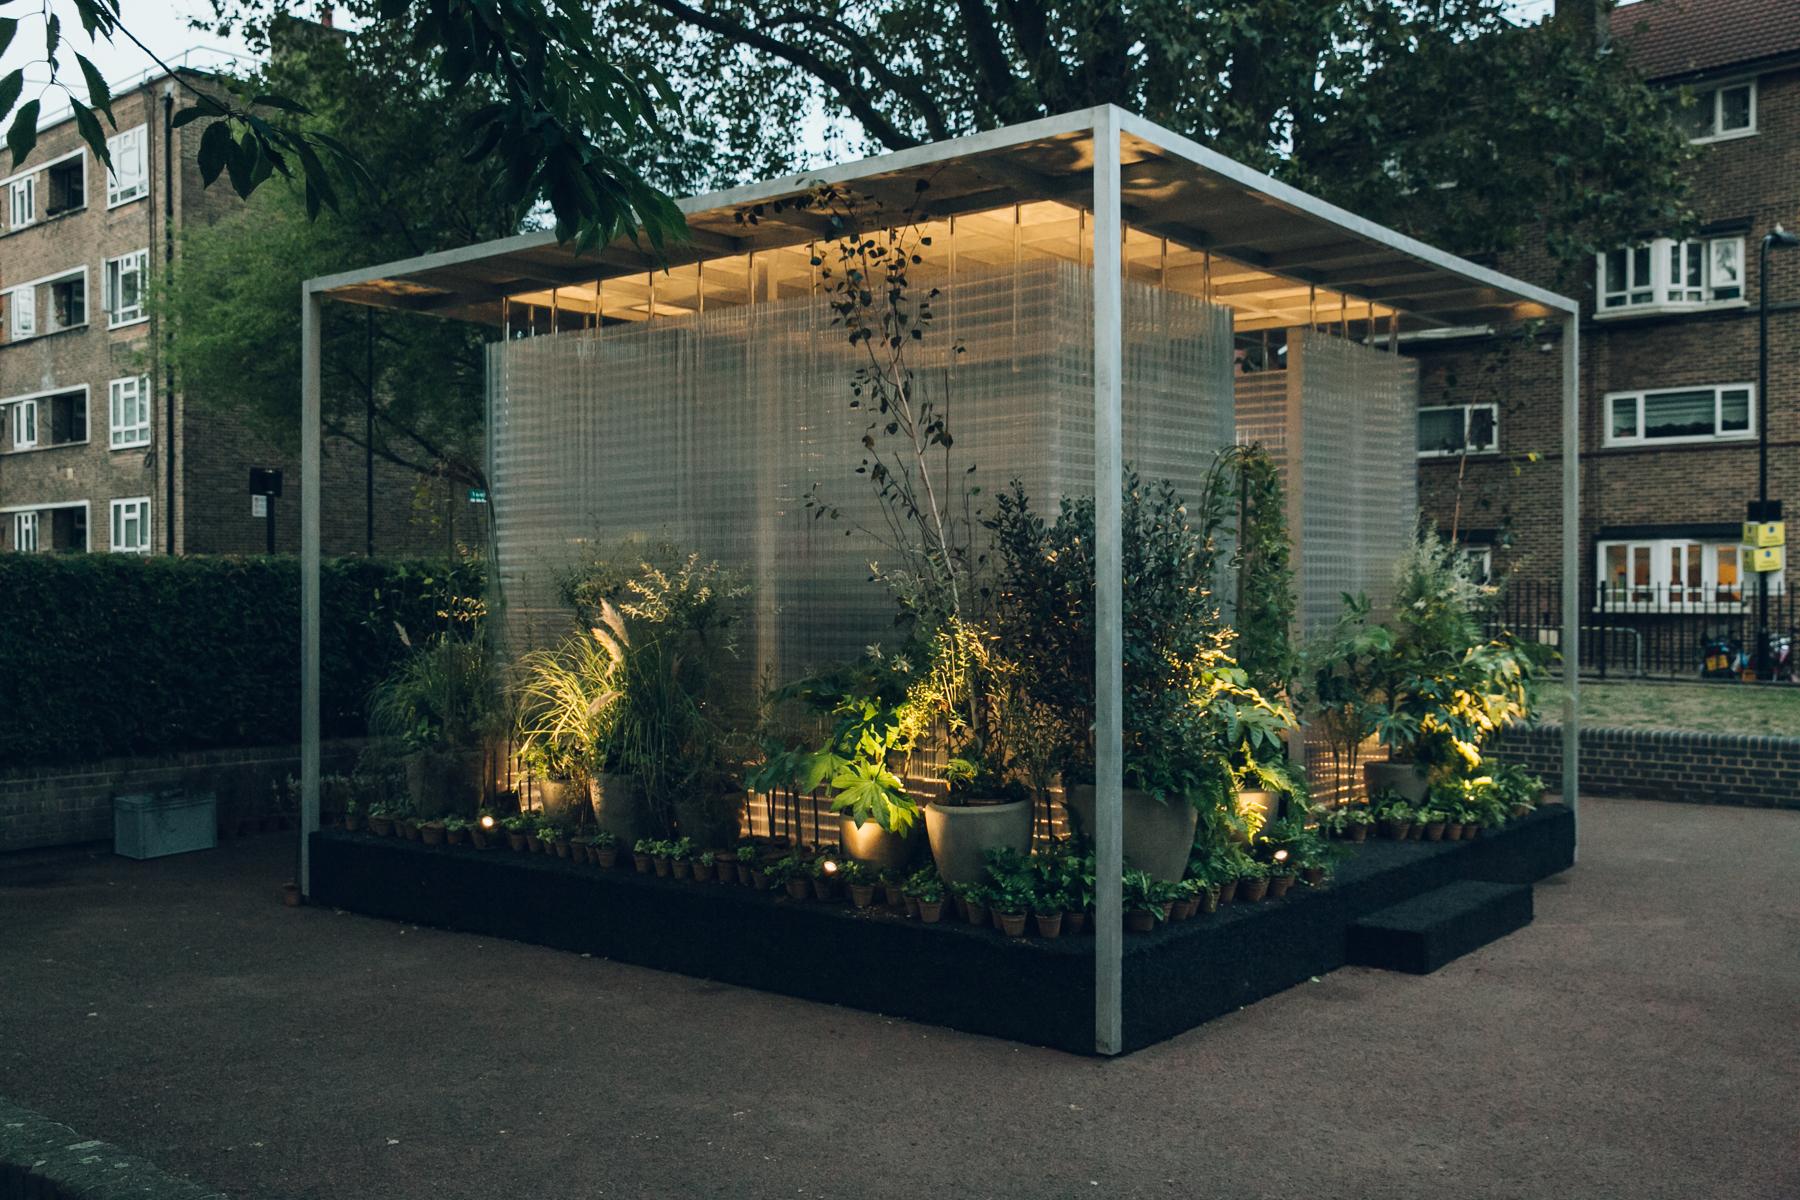 MINI Living installation at dusk